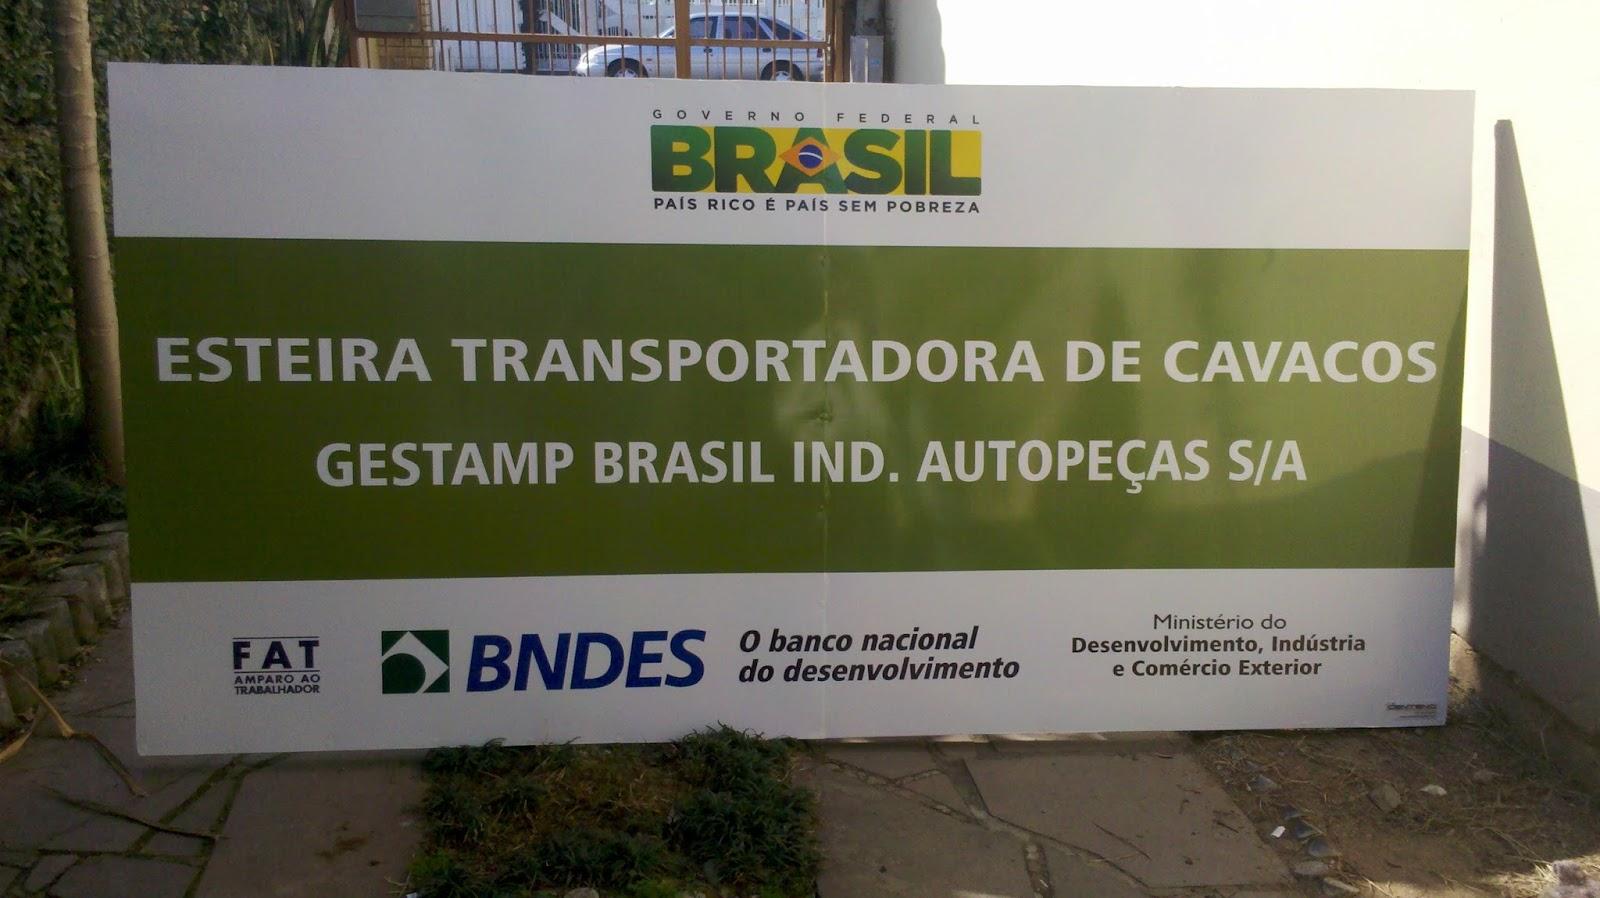 PLACA-DE-OBRA-BNDS